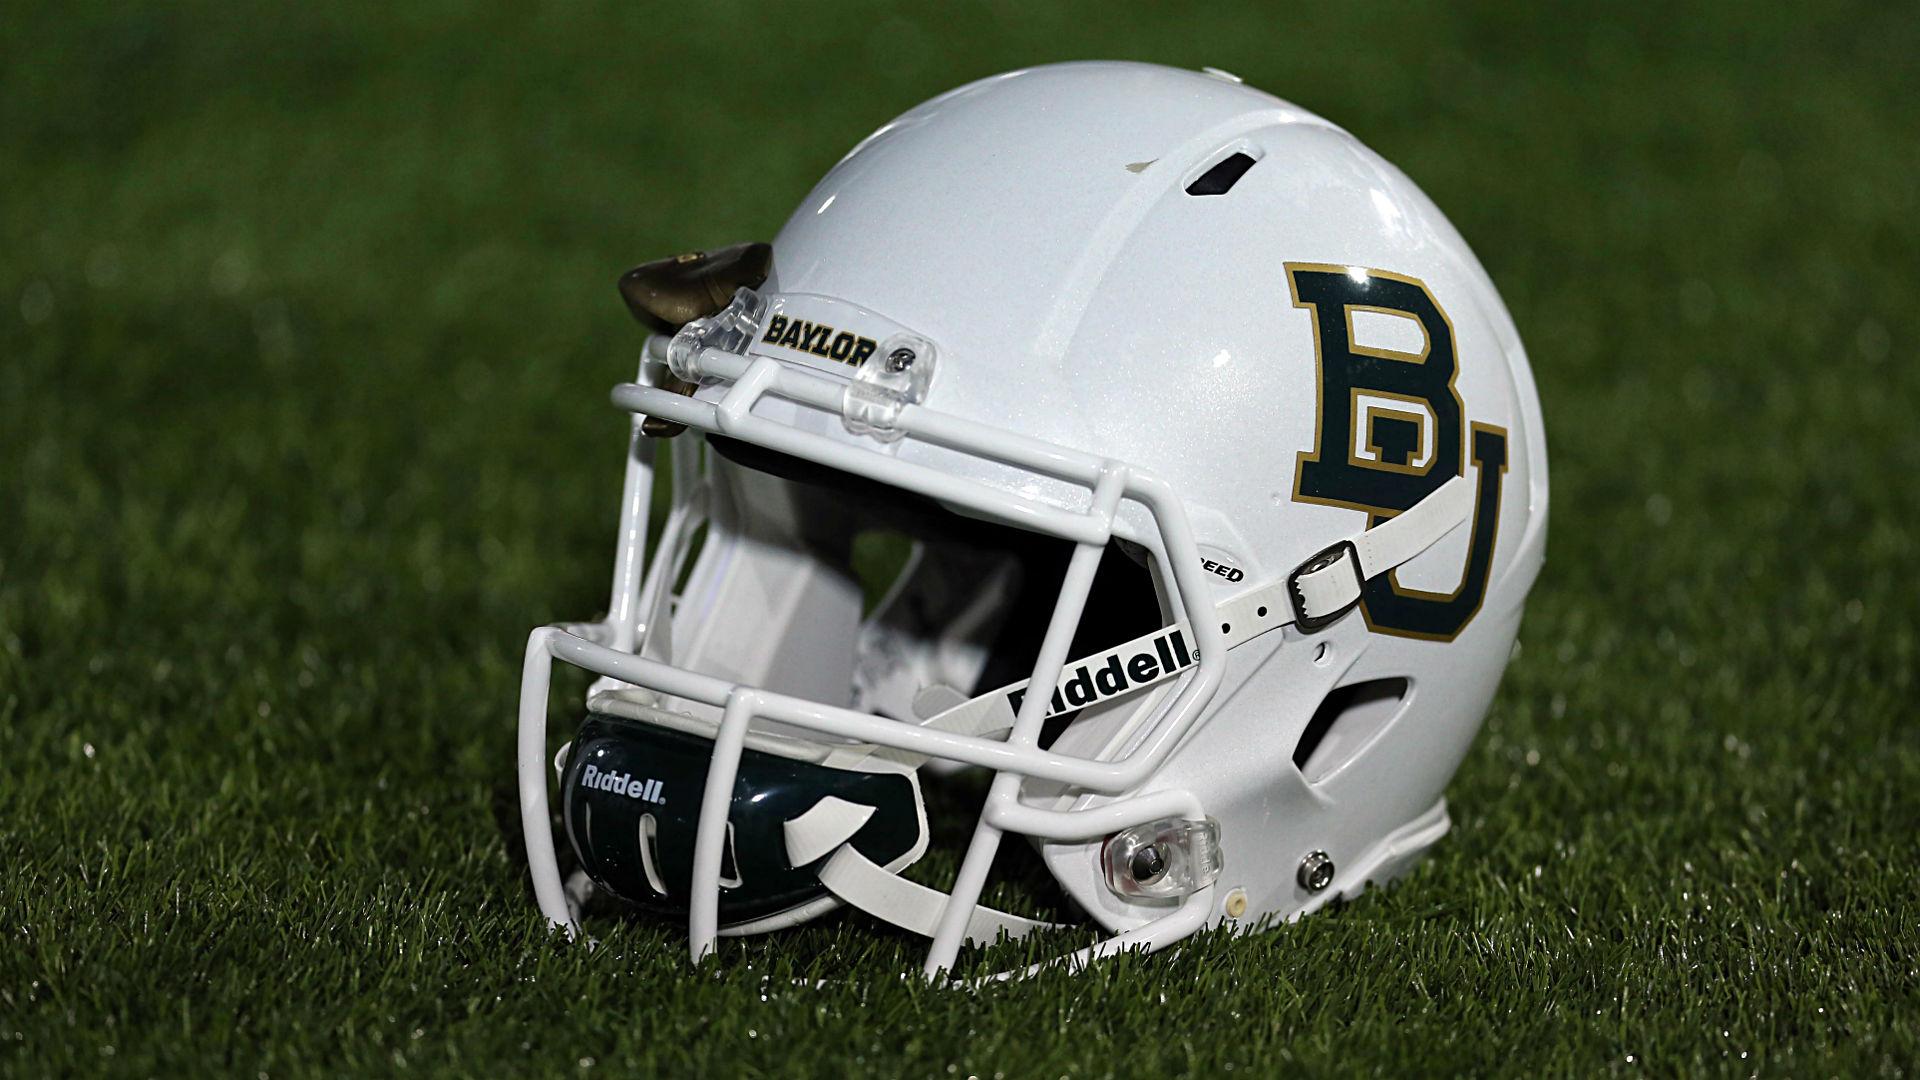 Baylor-helmet-33016-usnews-getty-ftr_a34zzs3y441q1kqyi4pjt3ddo